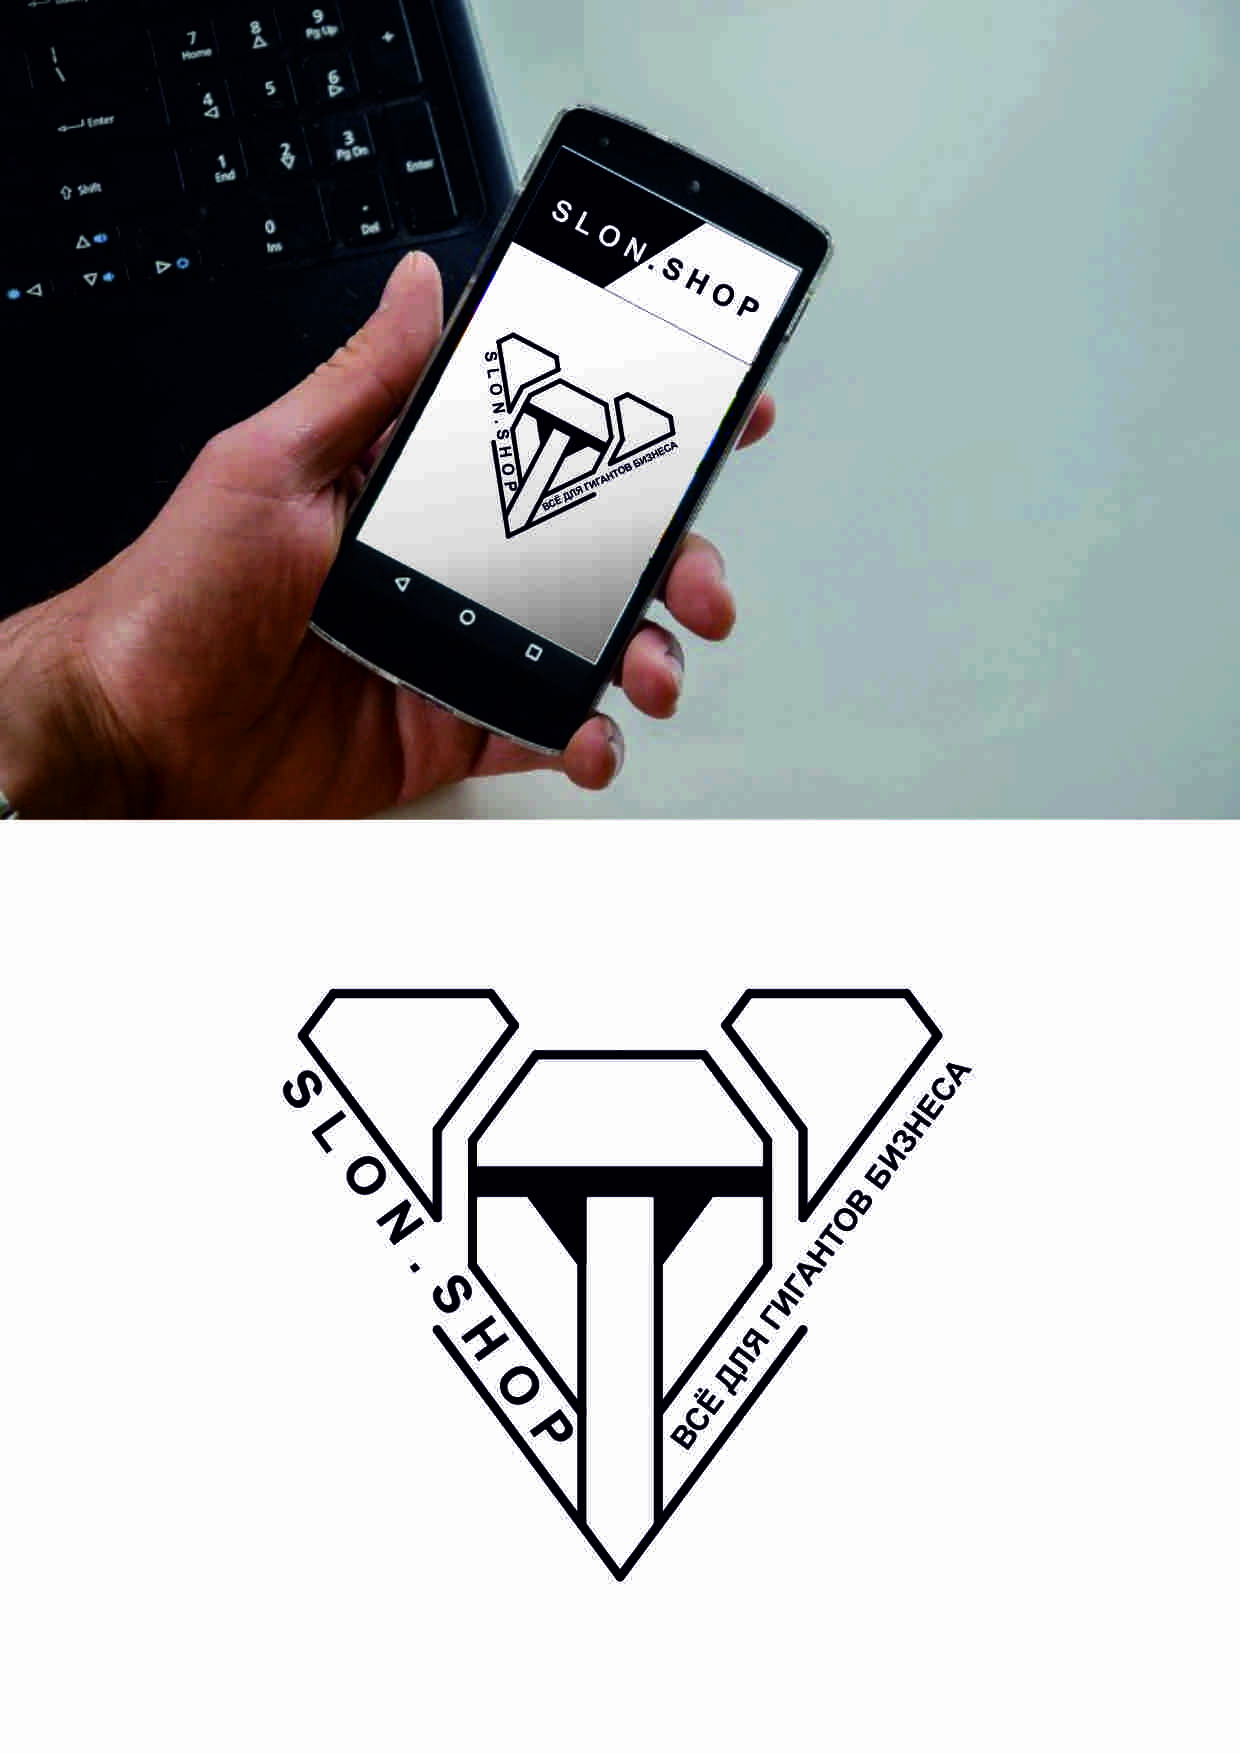 Разработать логотип и фирменный стиль интернет-магазина  фото f_8195991fe8245066.jpg